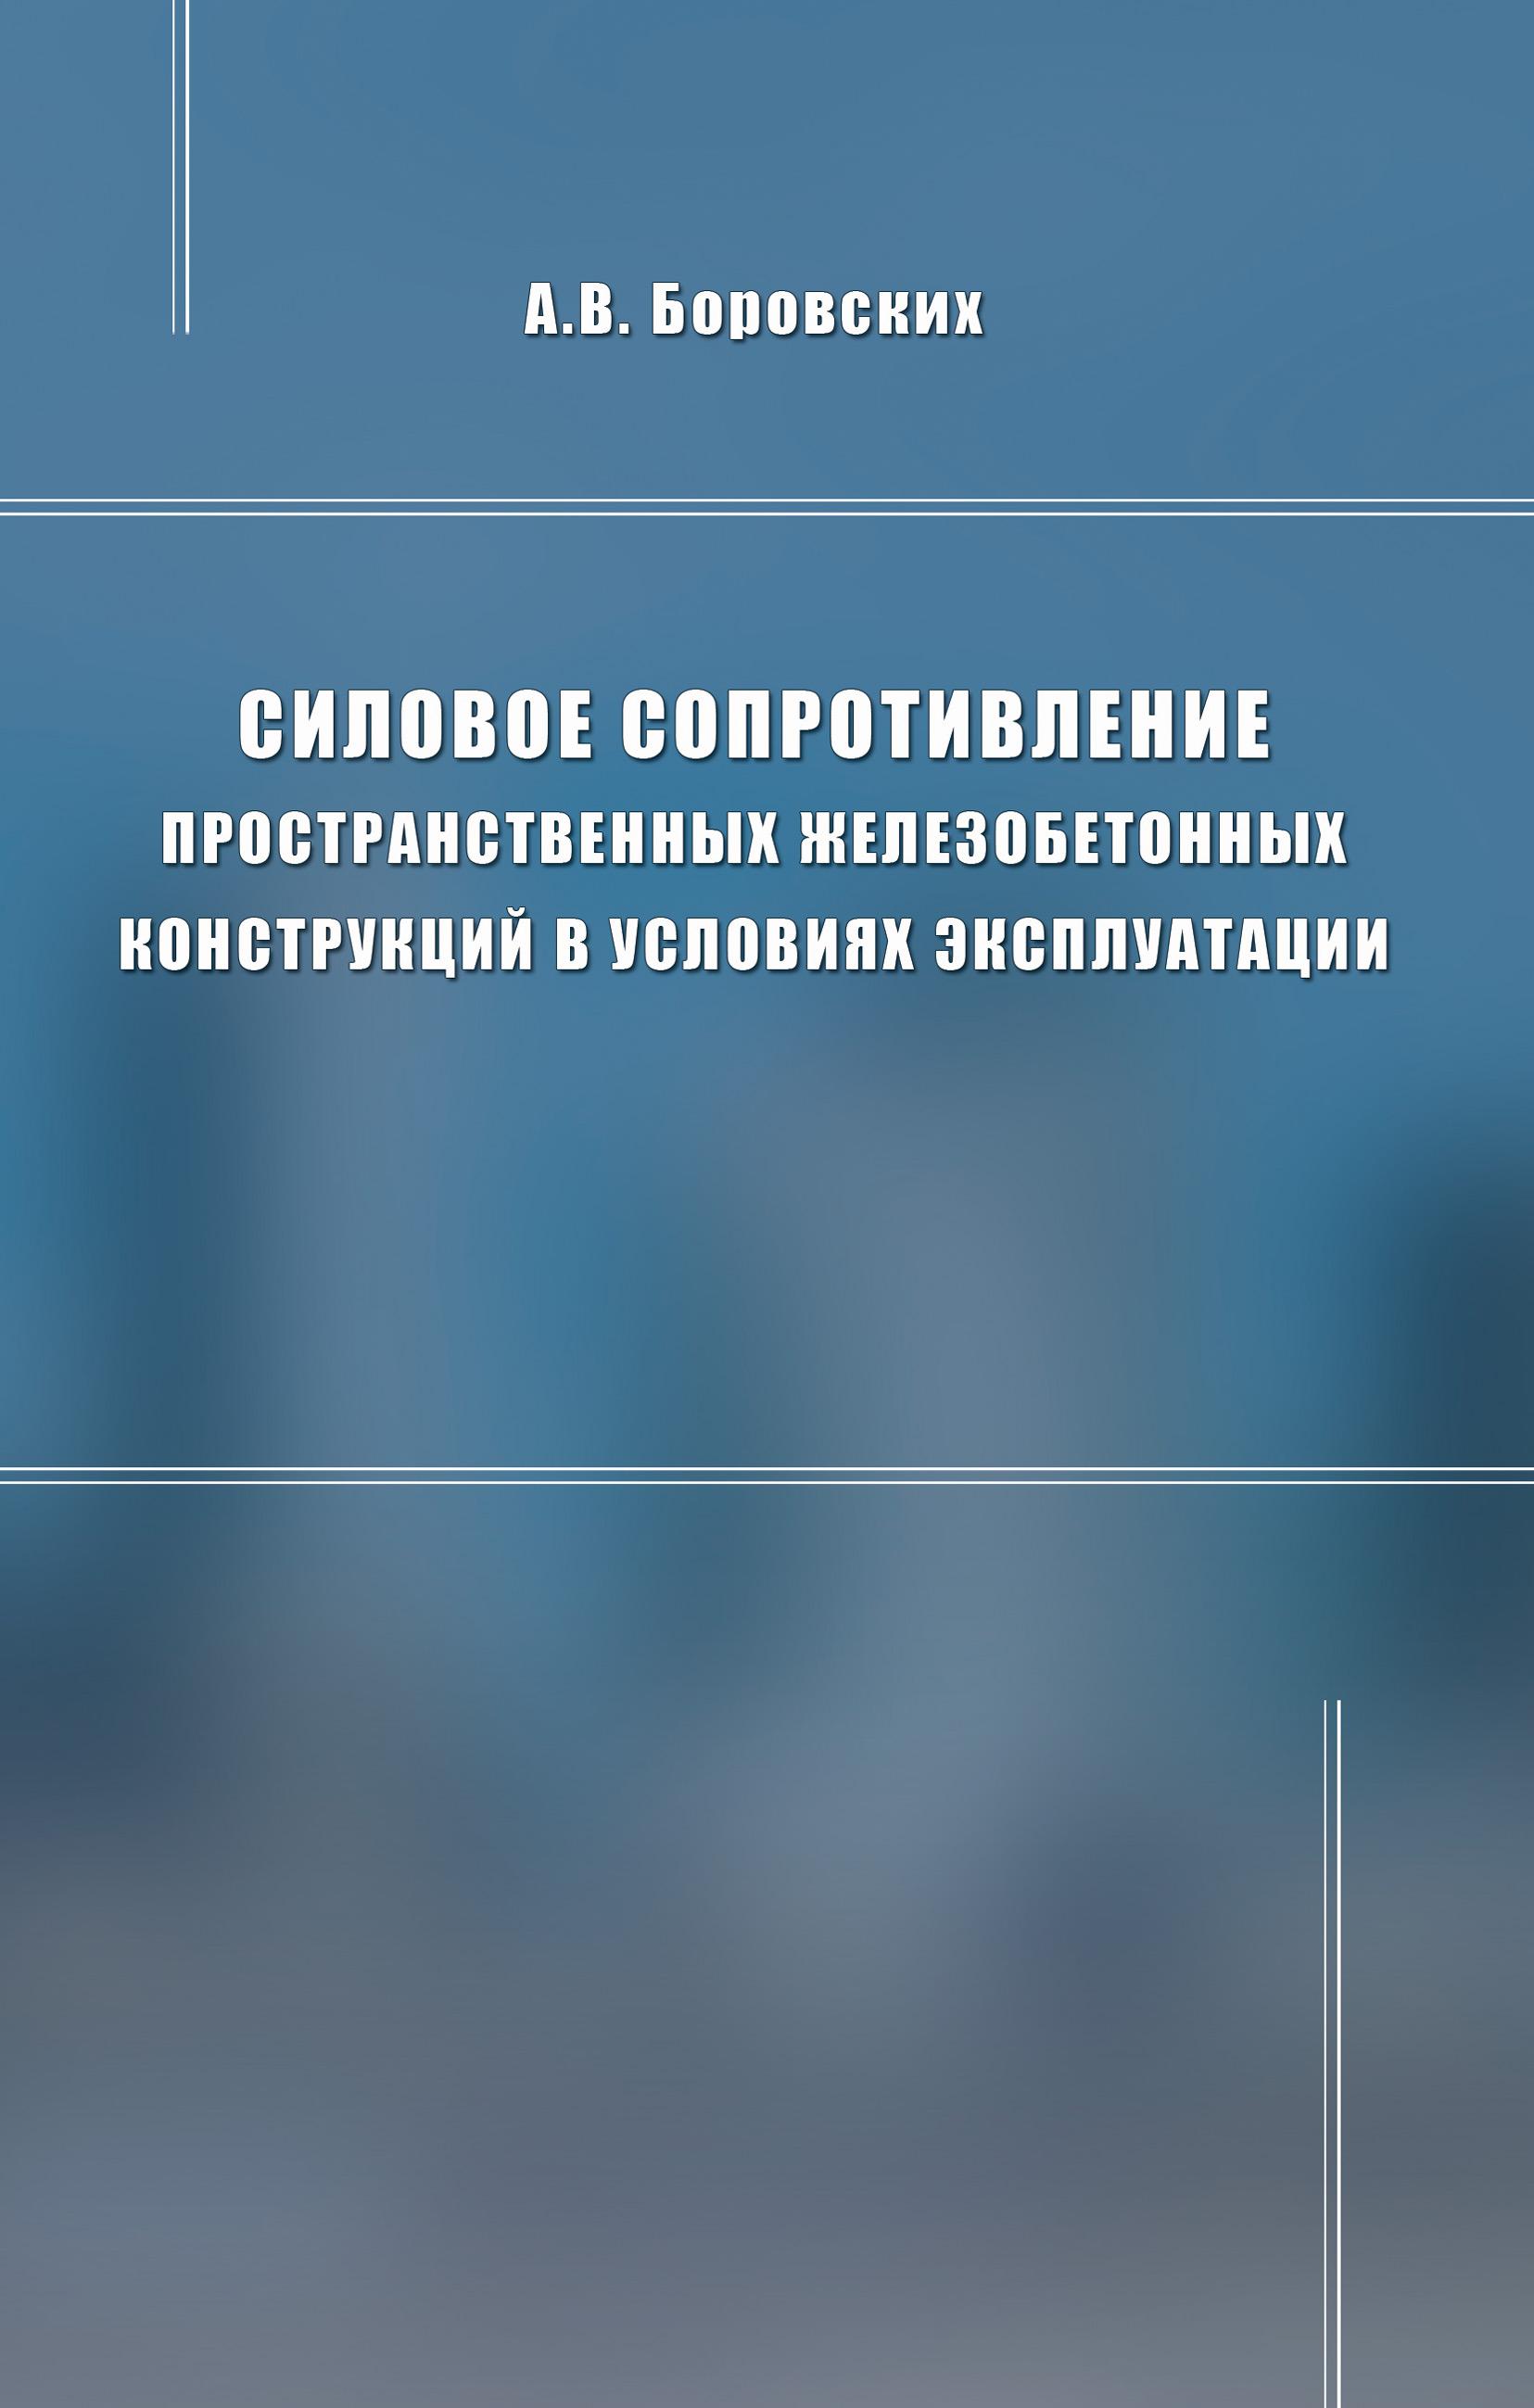 А. В. Боровских Силовое сопротивление пространственных железобетонных конструкций в условиях эксплуатации